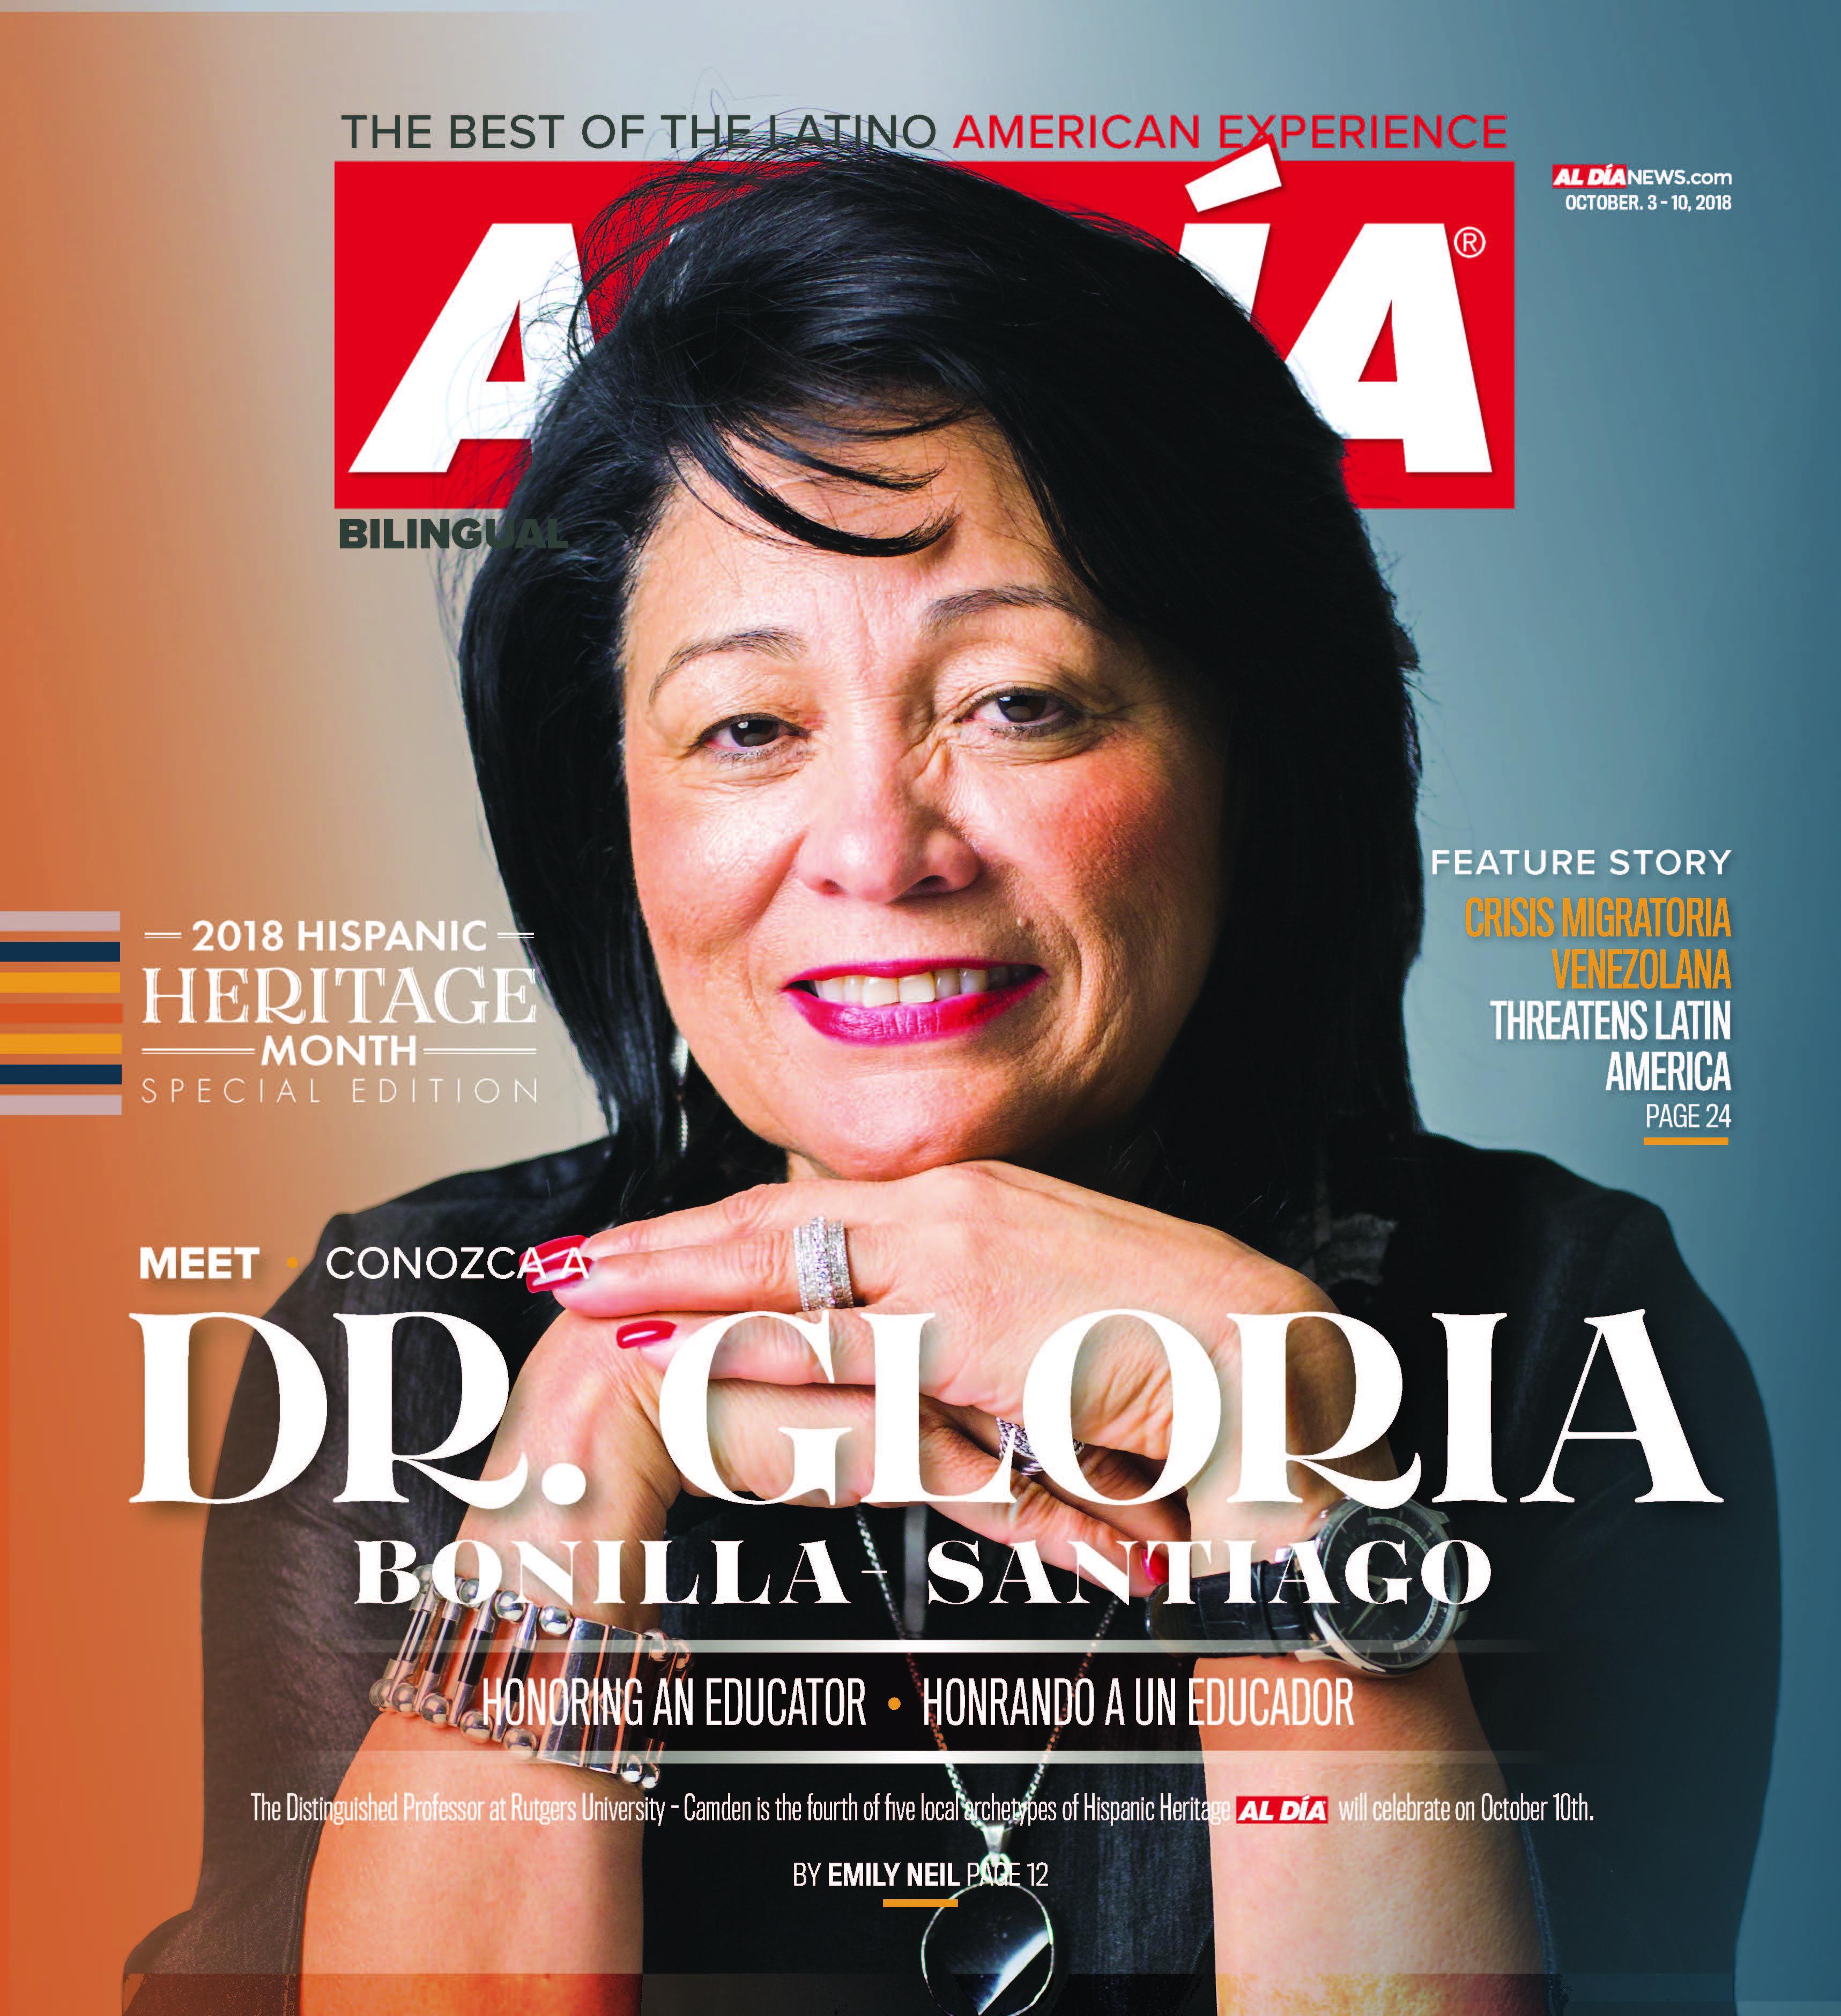 AL DIA News Print Edition October 03 - 10, 2018